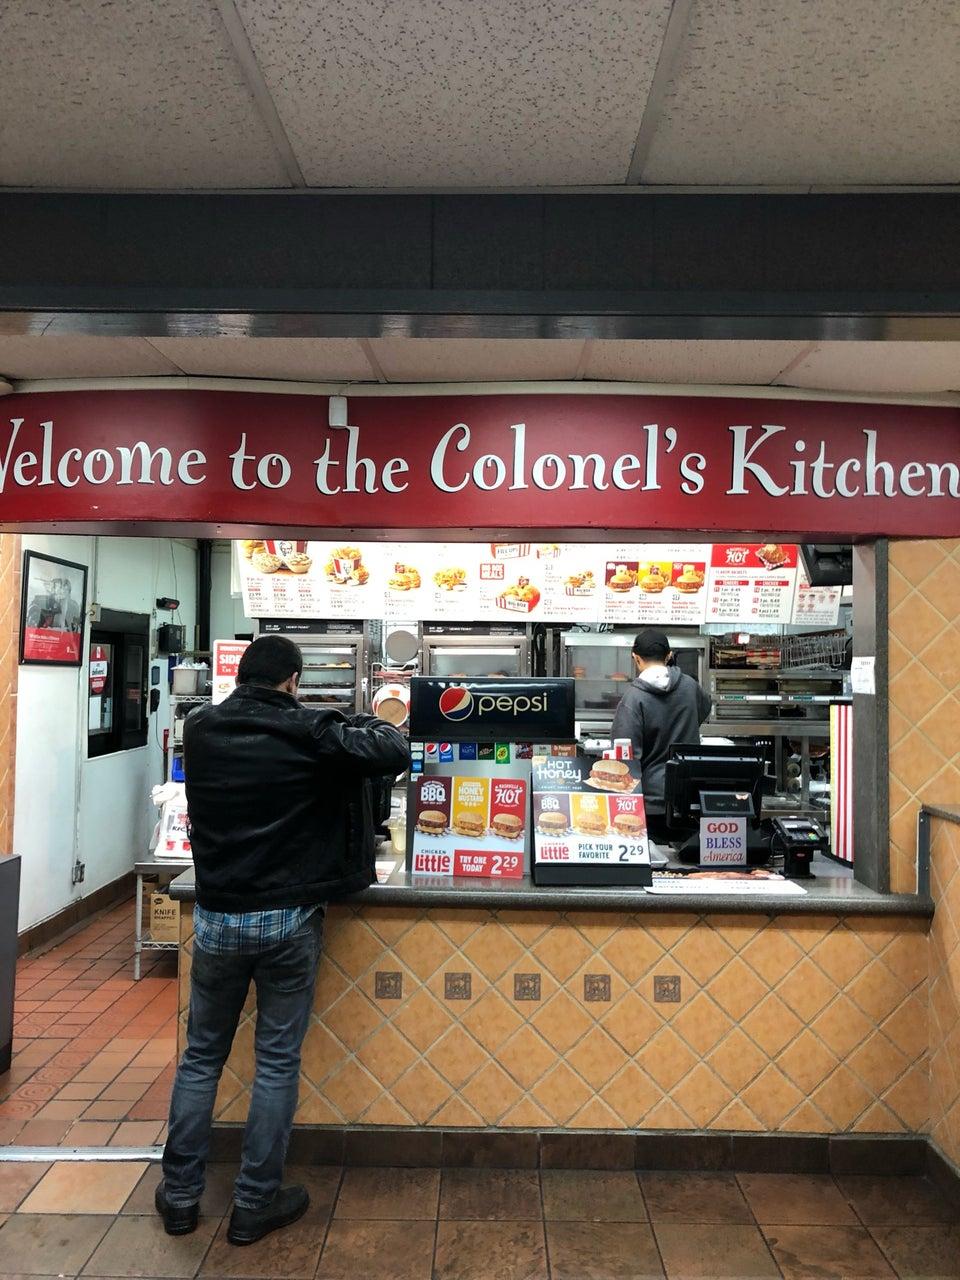 KFC 200 N Verdugo Rd, Glendale